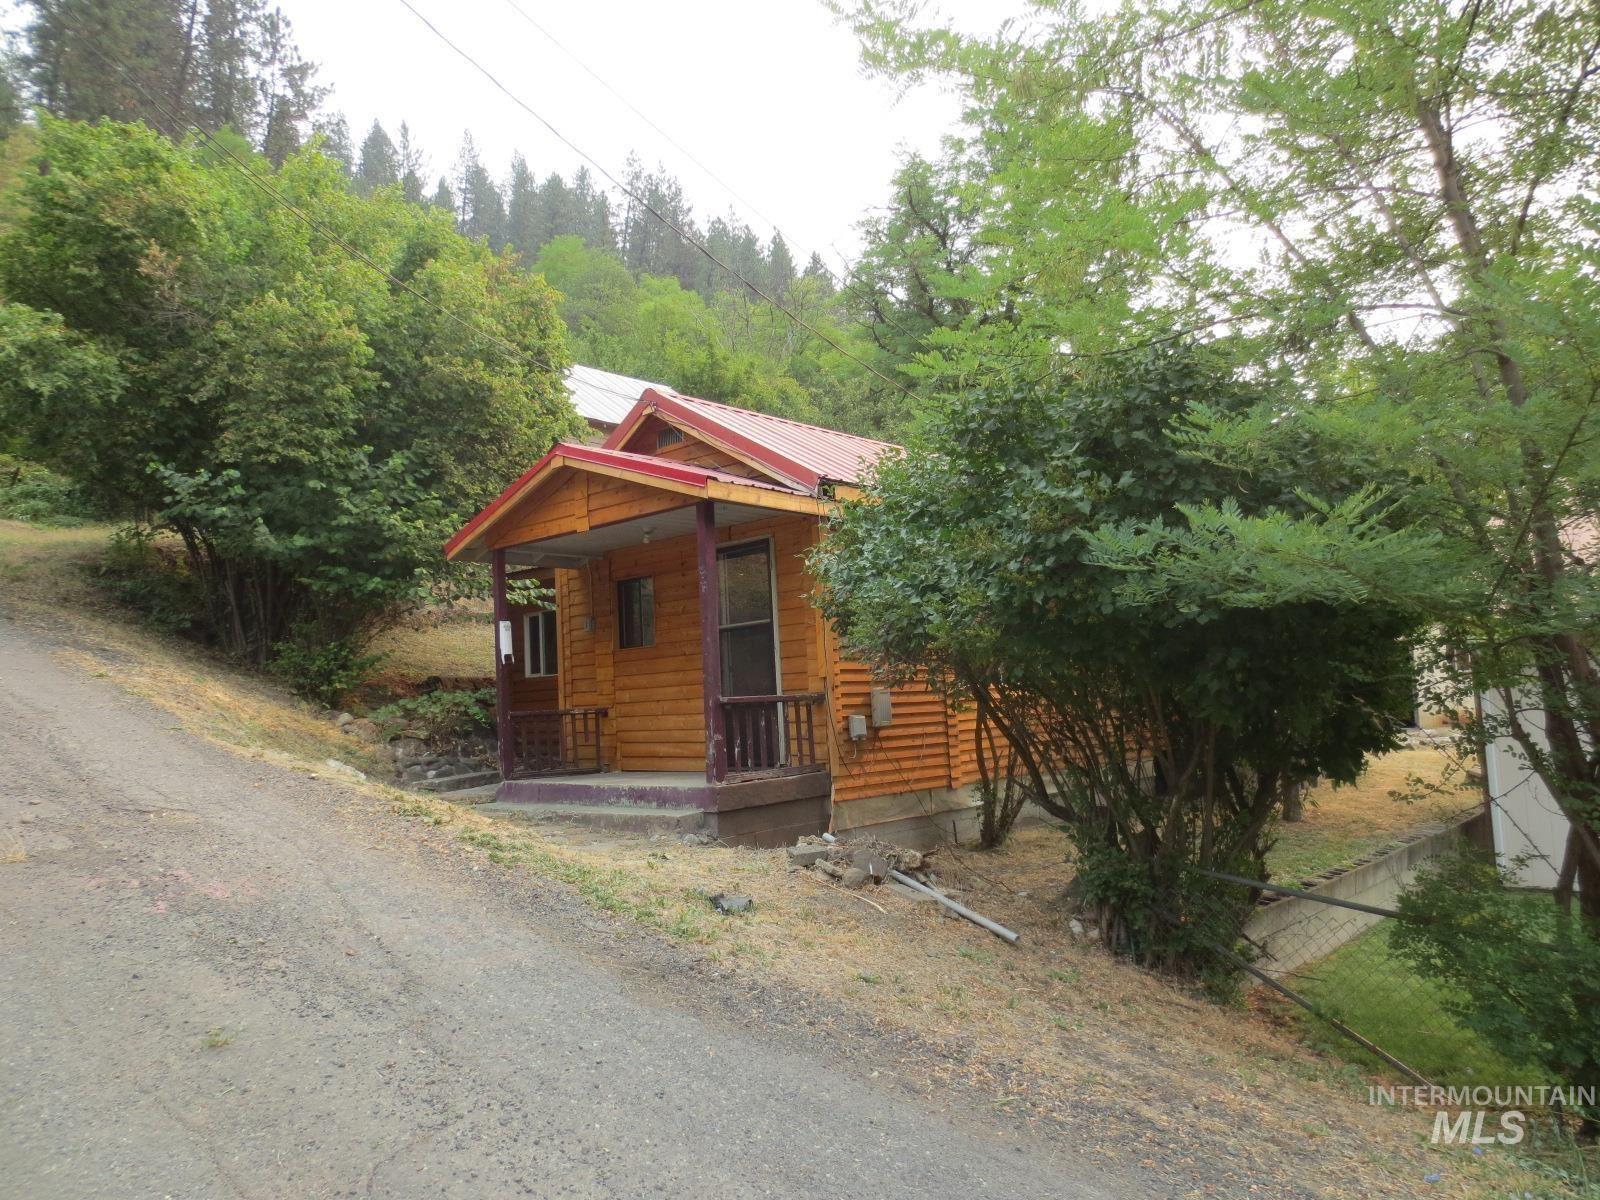 Photo of 120 Birch Ave., Orofino, ID 83544 (MLS # 98811511)